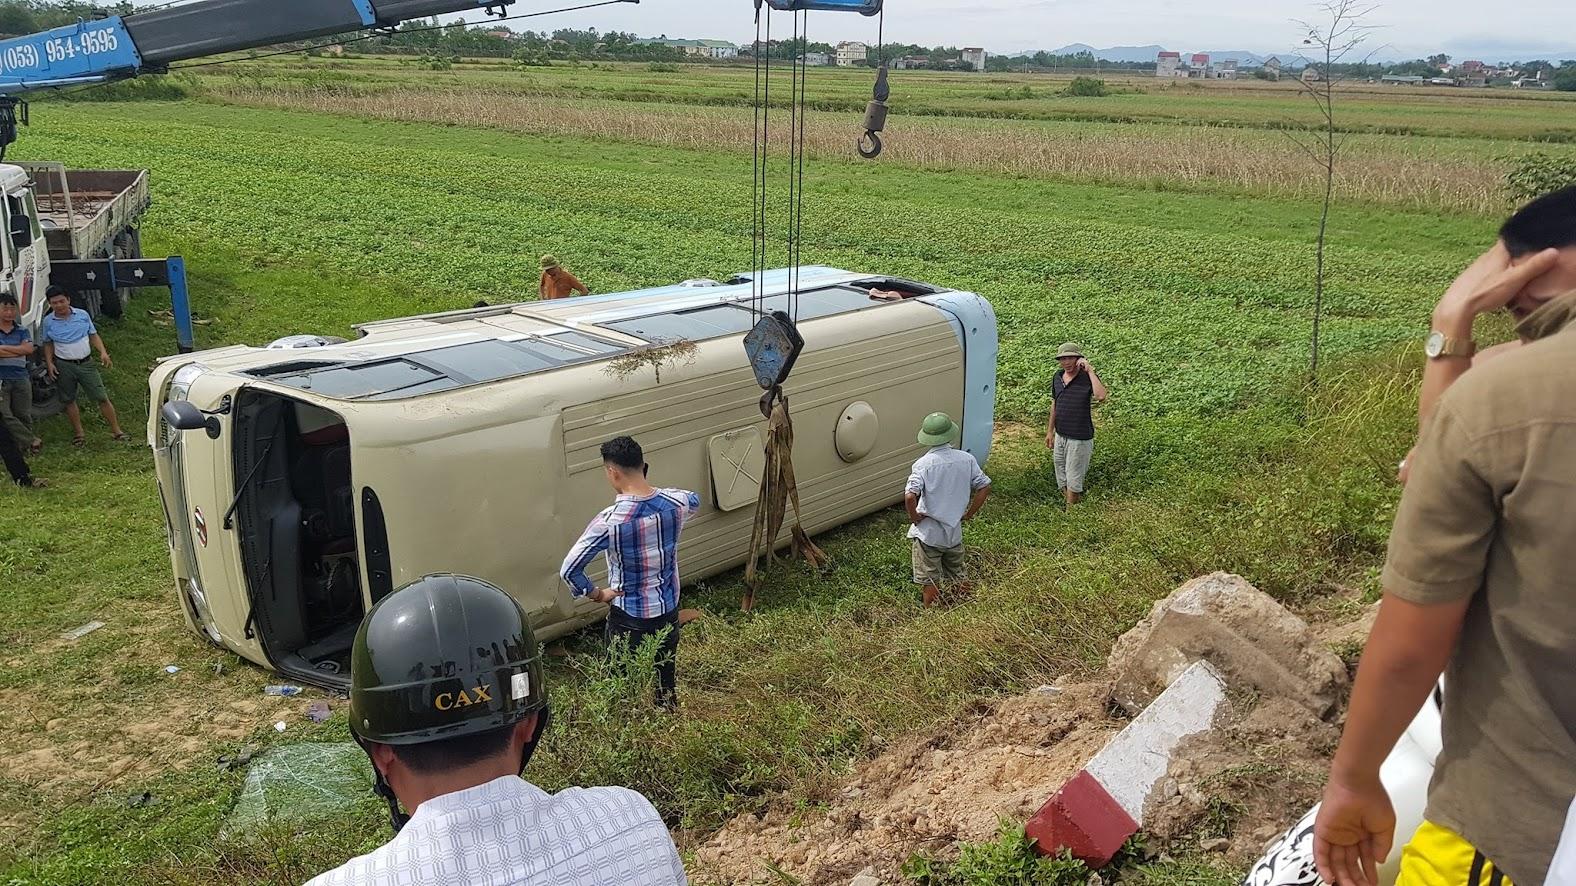 Chiếc xe được cẩu lên khỏi hiện trường